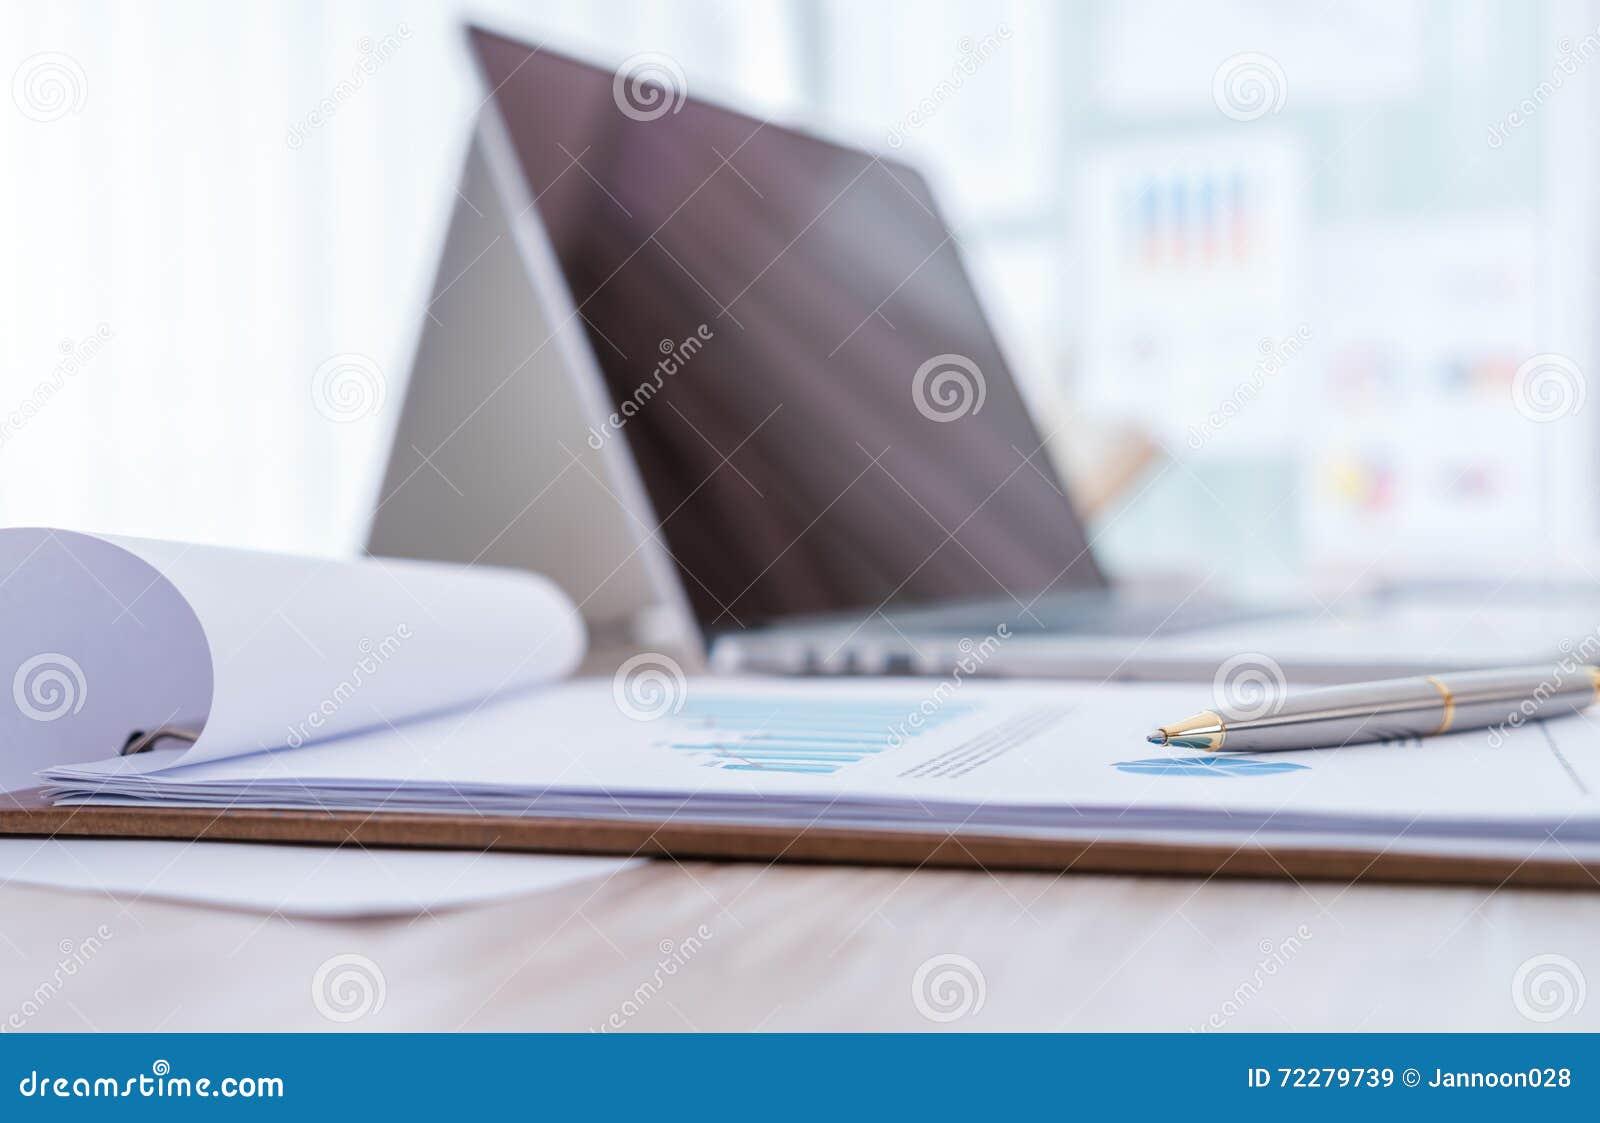 Download Финансовые диаграммы на таблице с компьтер-книжкой Стоковое Изображение - изображение насчитывающей управление, обмен: 72279739